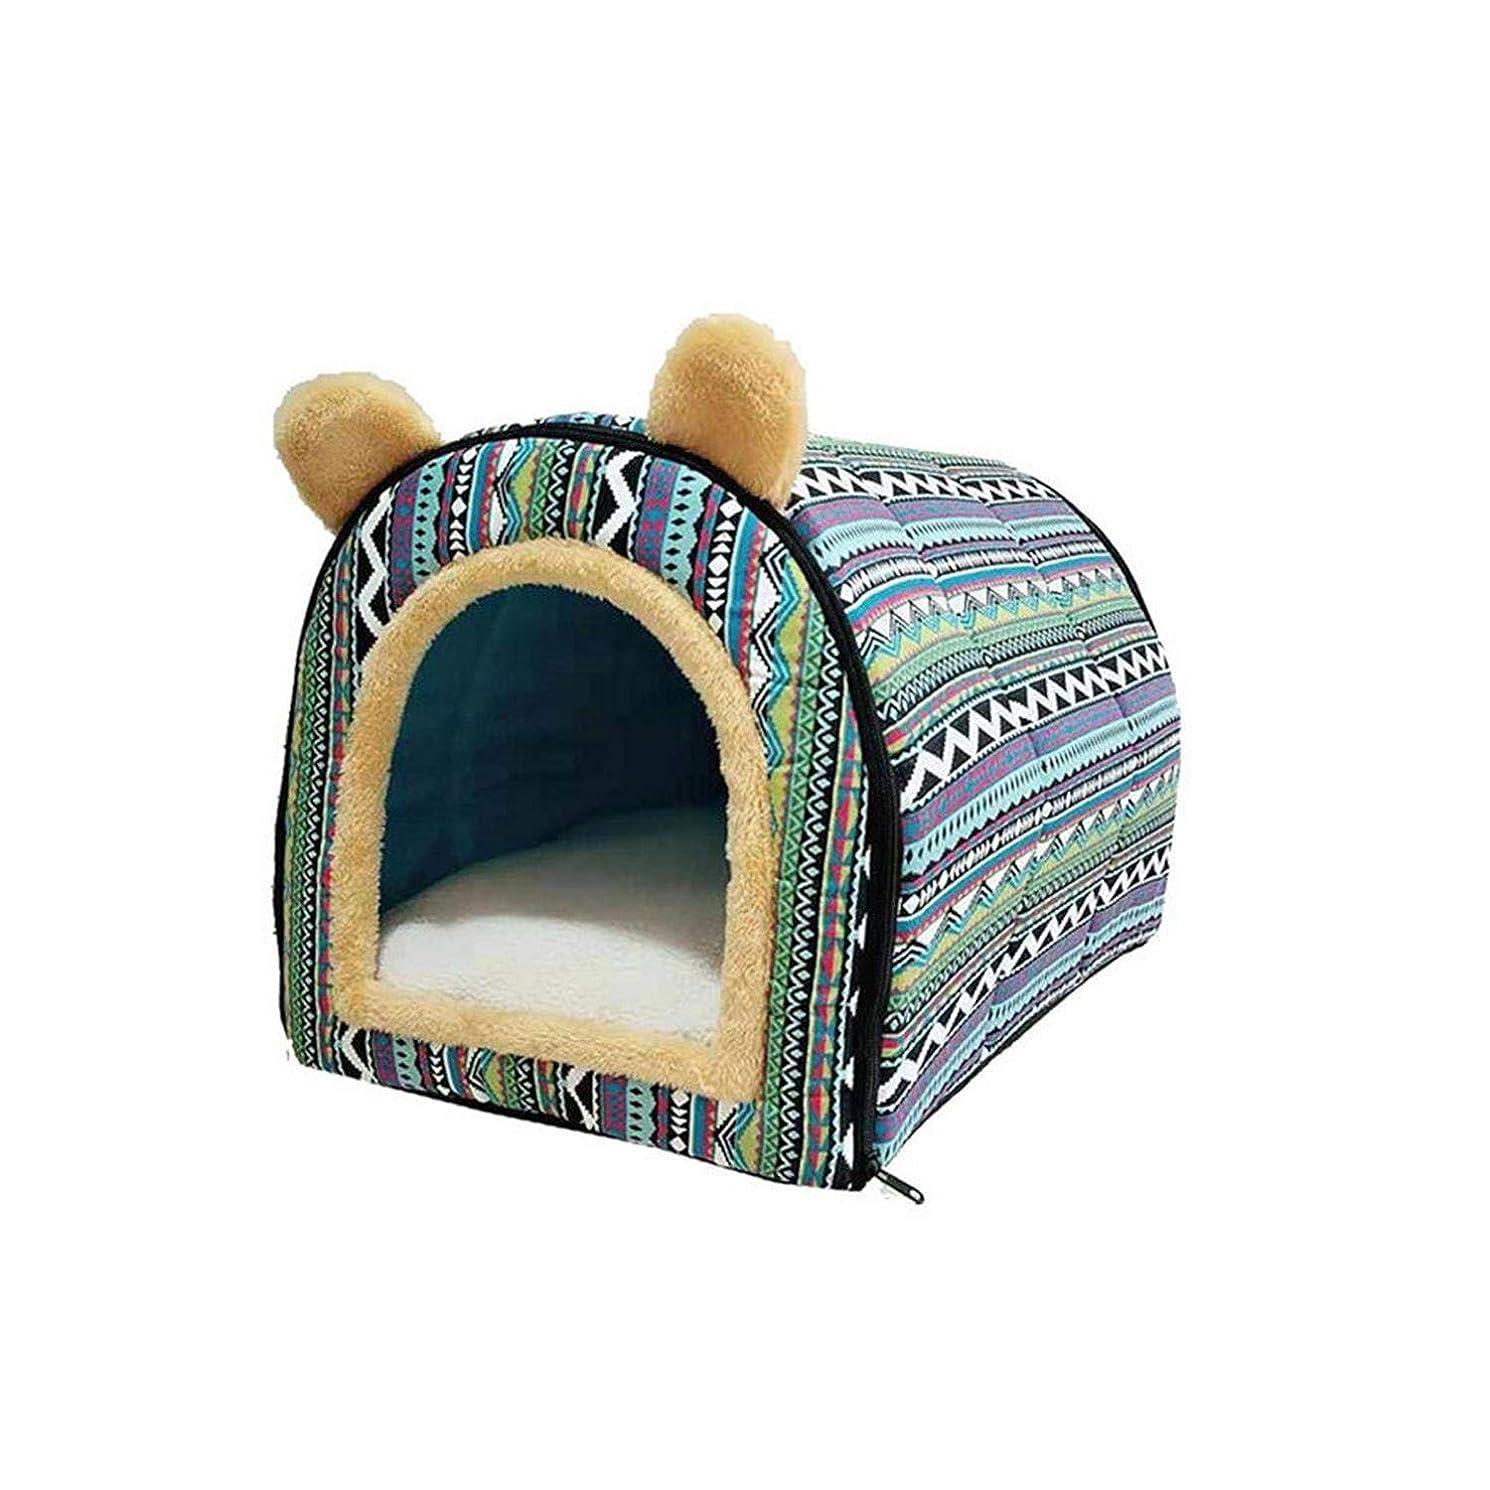 ゴシップ散歩特徴犬舐めマットソフトウォームペット犬のベッドハウス用小型犬冬暖かい巣ペット猫小型犬子犬犬小屋ベッドソファ寝袋-6-S、